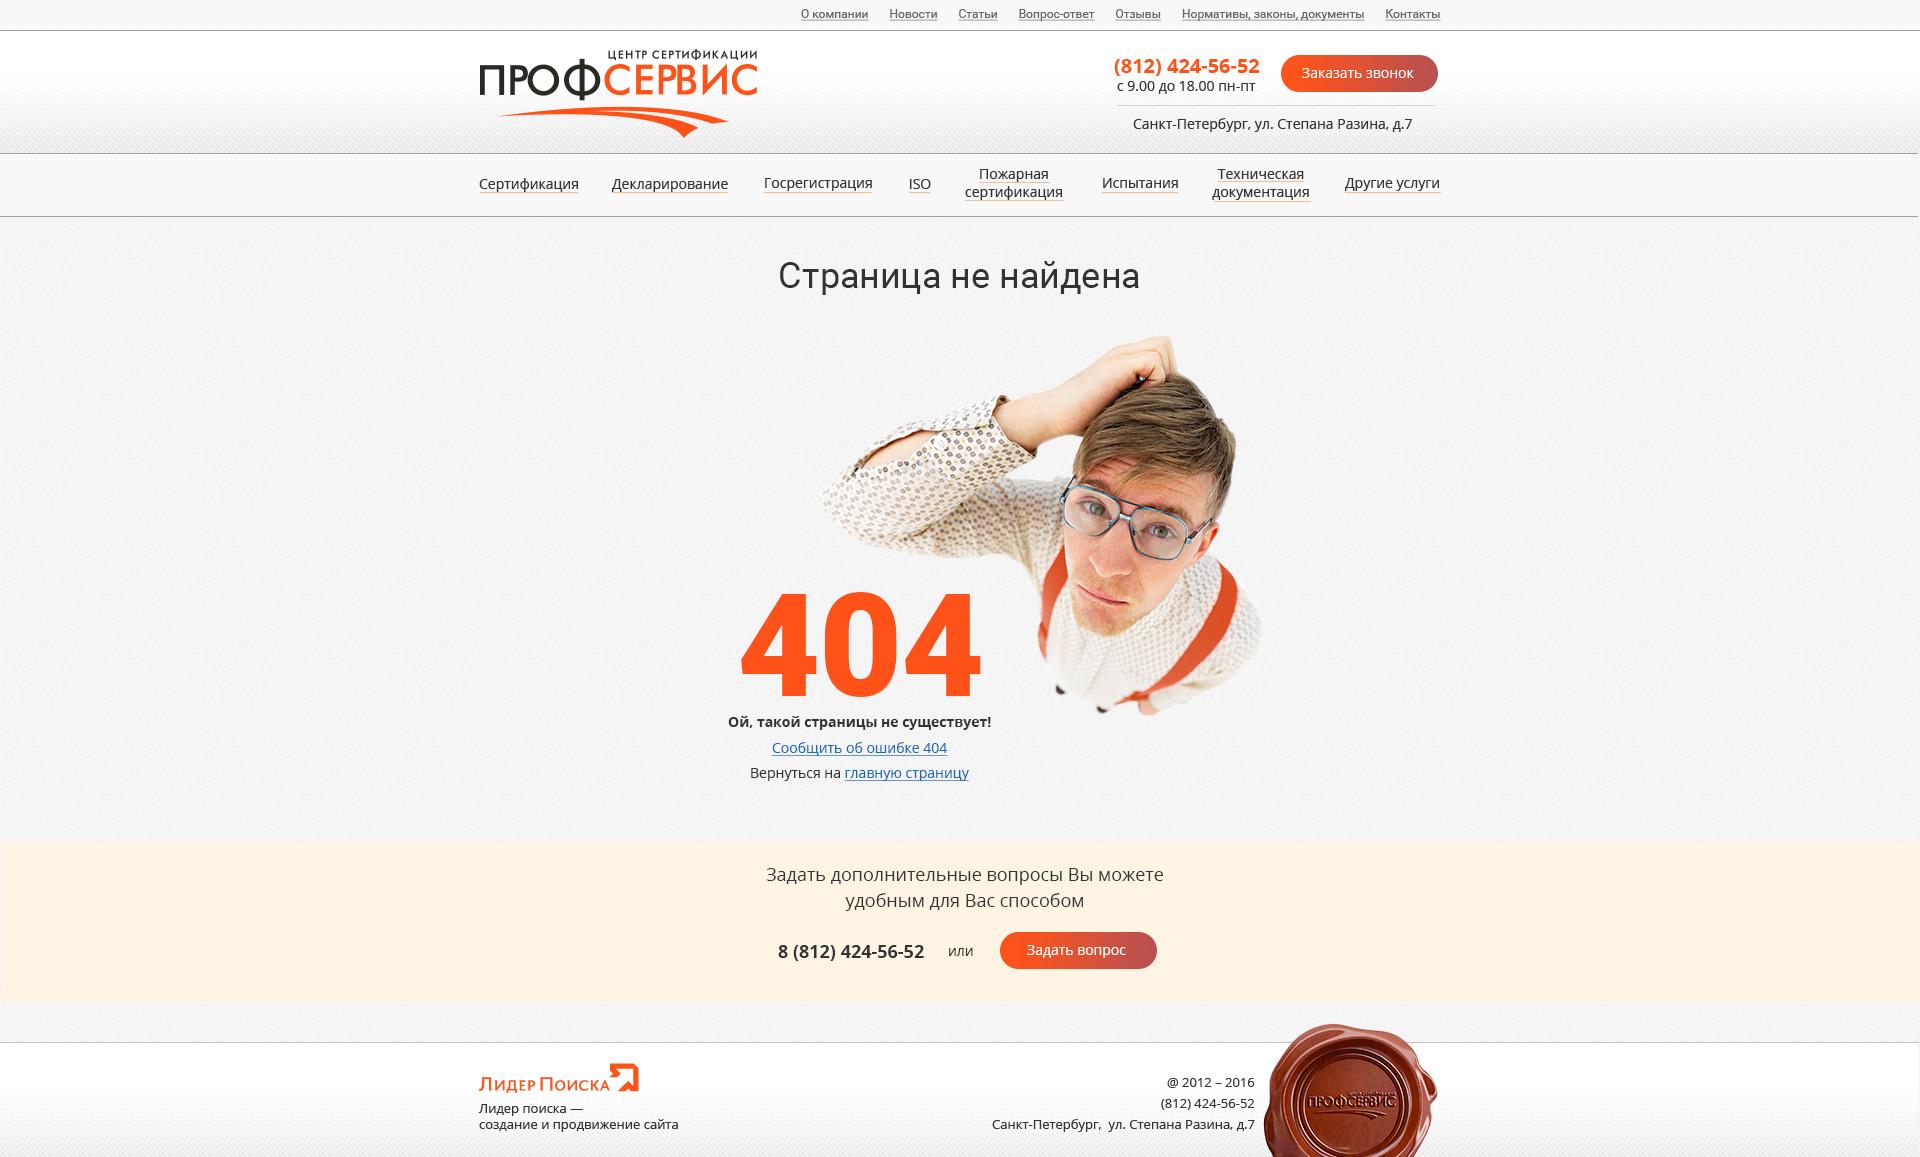 Призыв сообщить о 404 ошибке